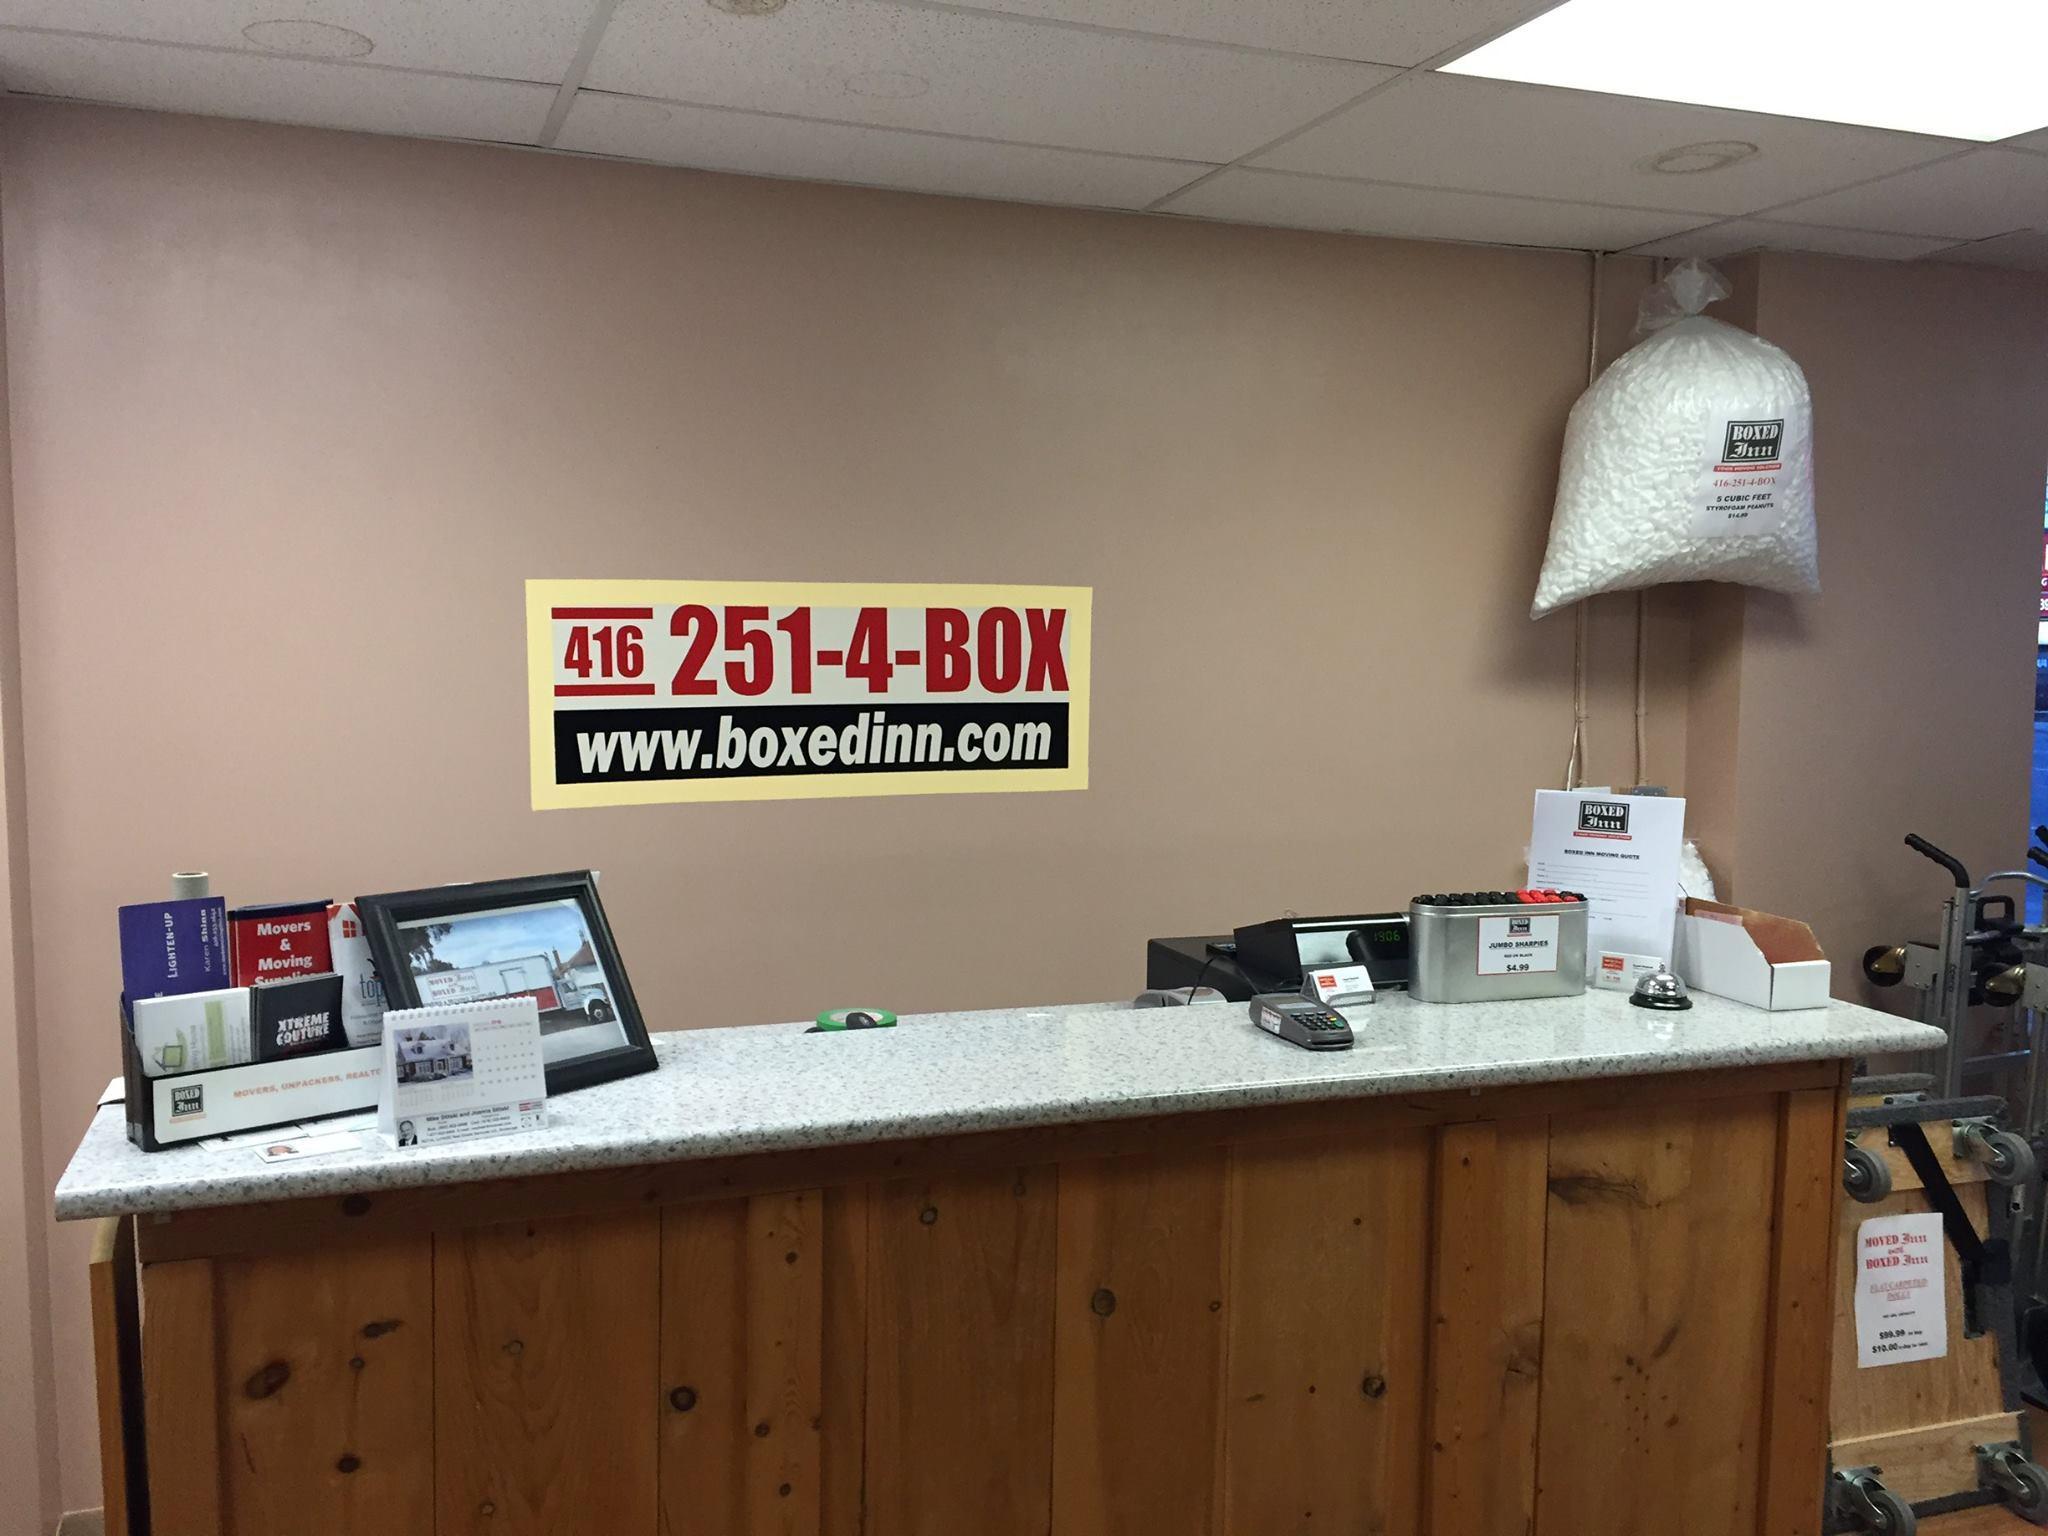 Boxed Inn